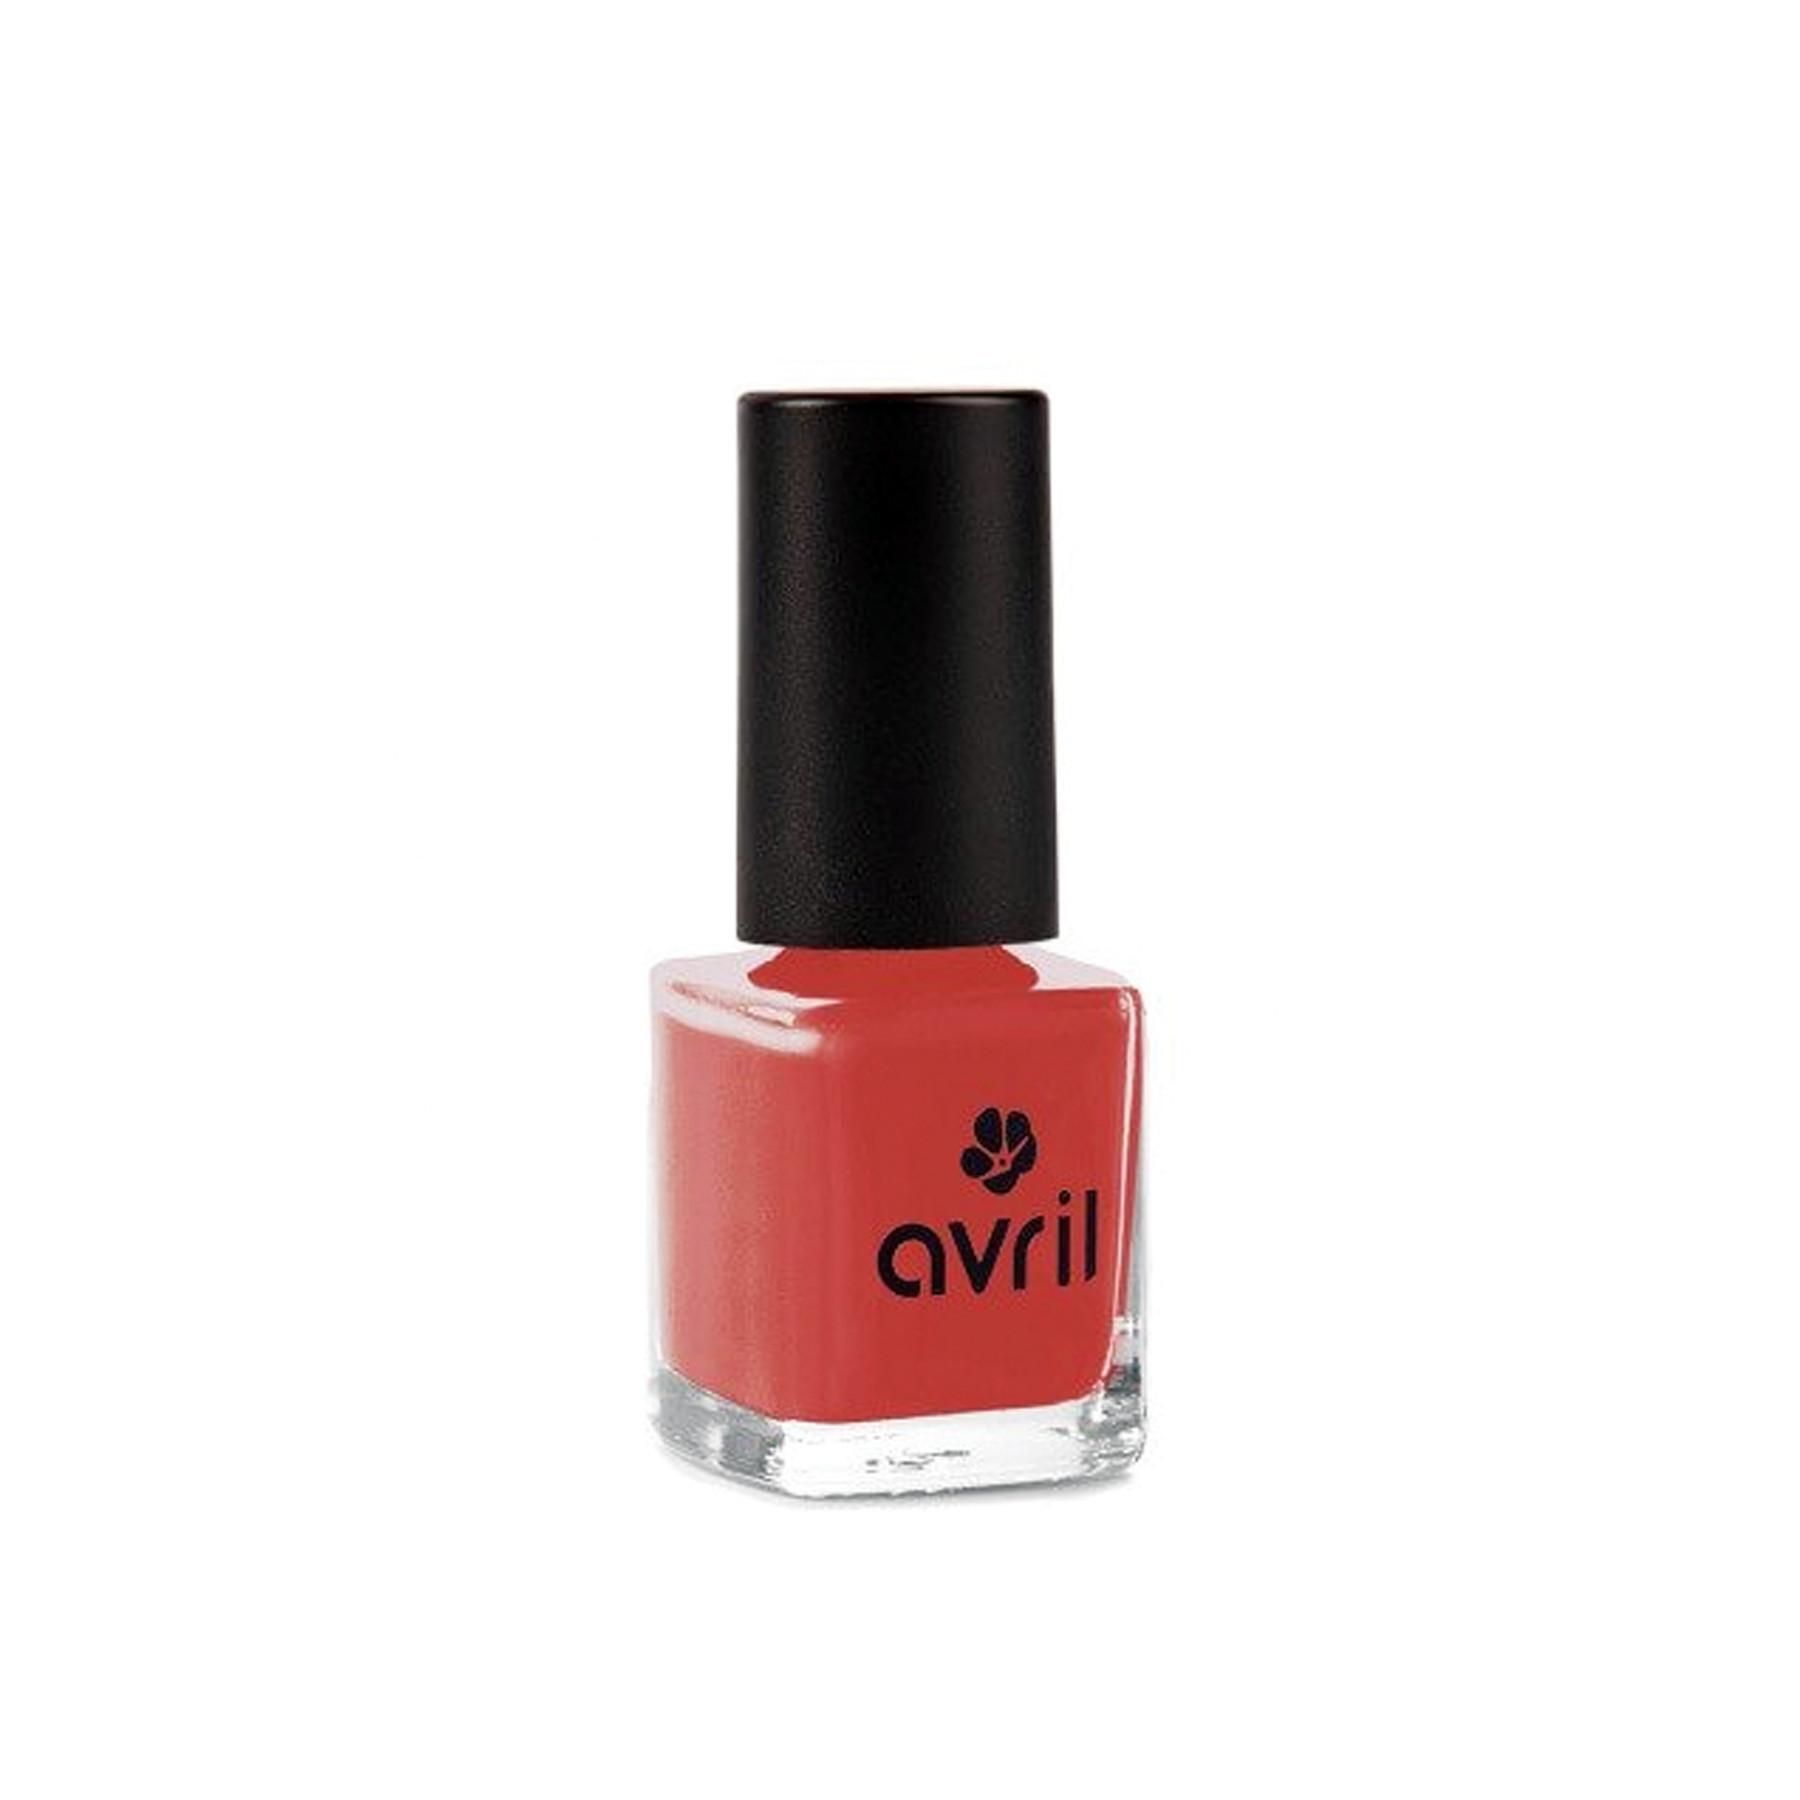 Sơn móng Avril màu đỏ cổ điển Rouge Rétro 7ml